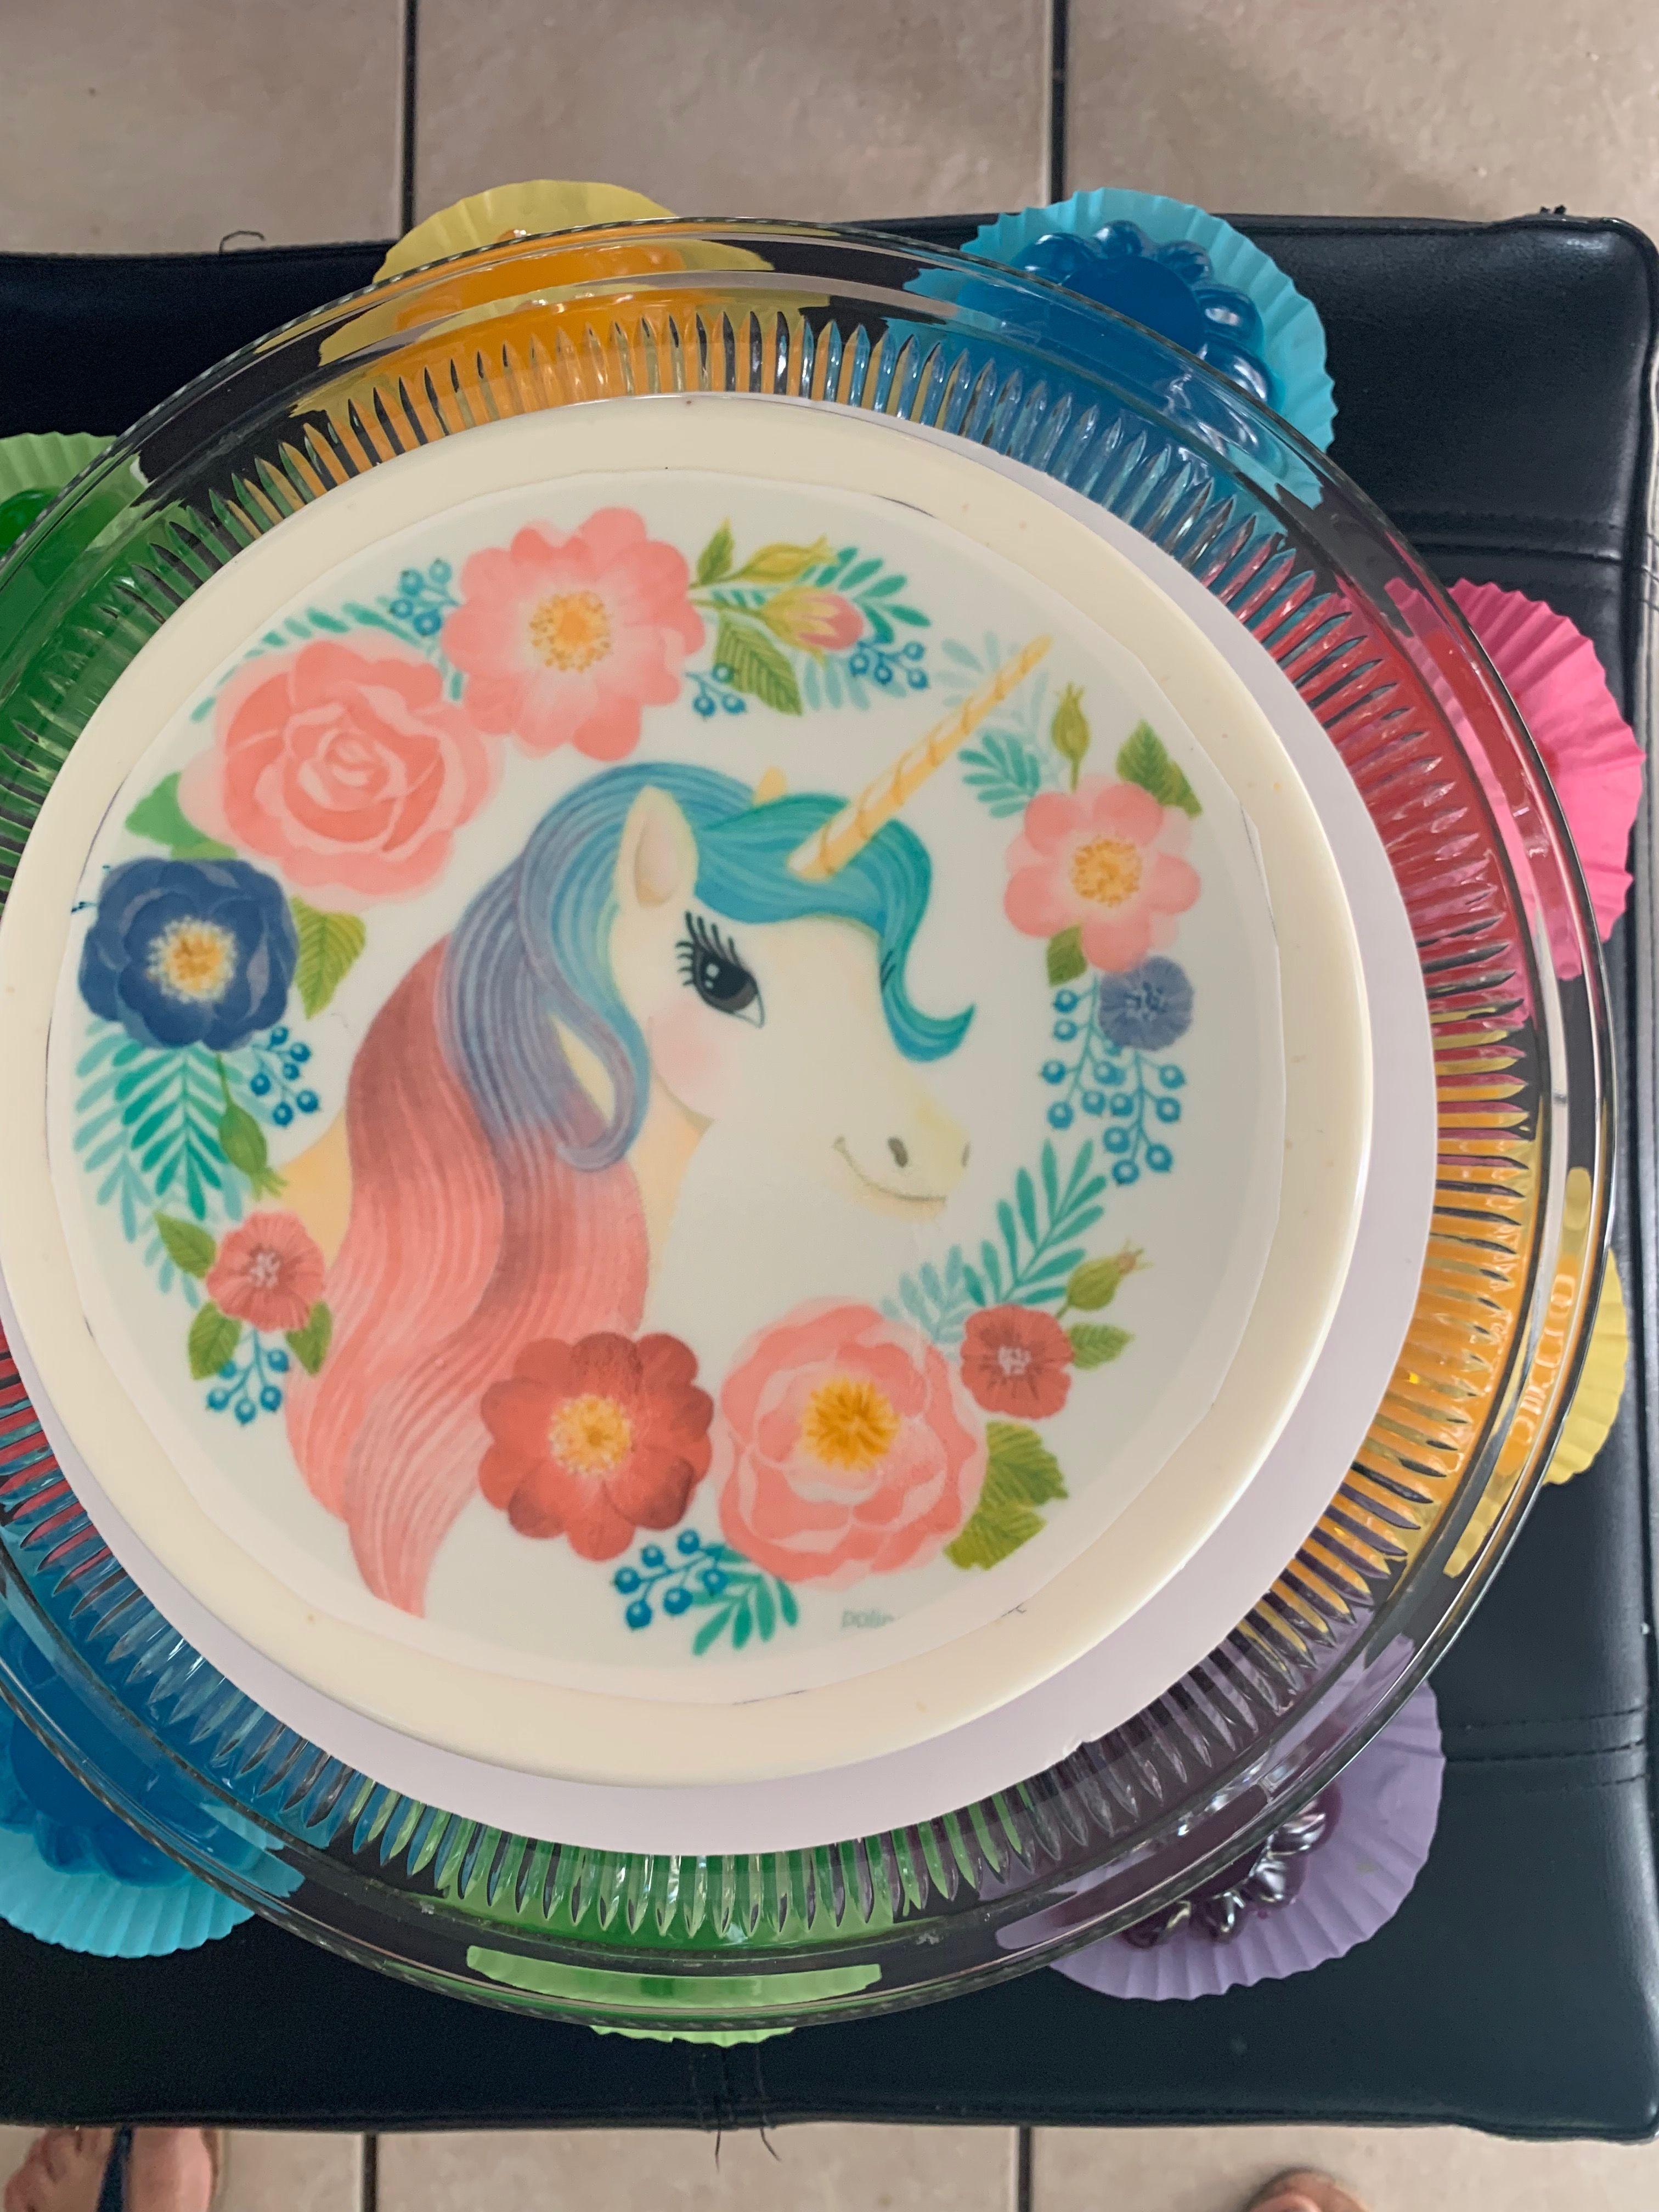 Pin by Carmen Castillo on Gelatinas Tableware, Plates